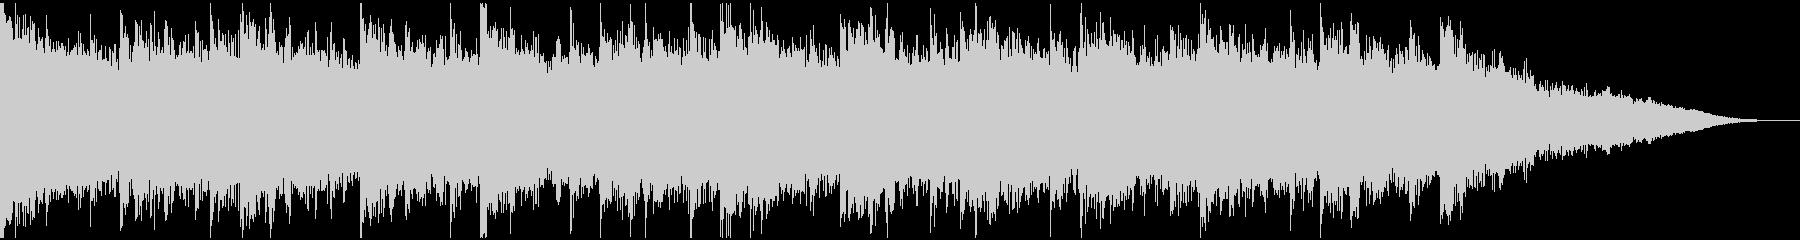 30秒企業VP40,明るい,ドラム無しの未再生の波形